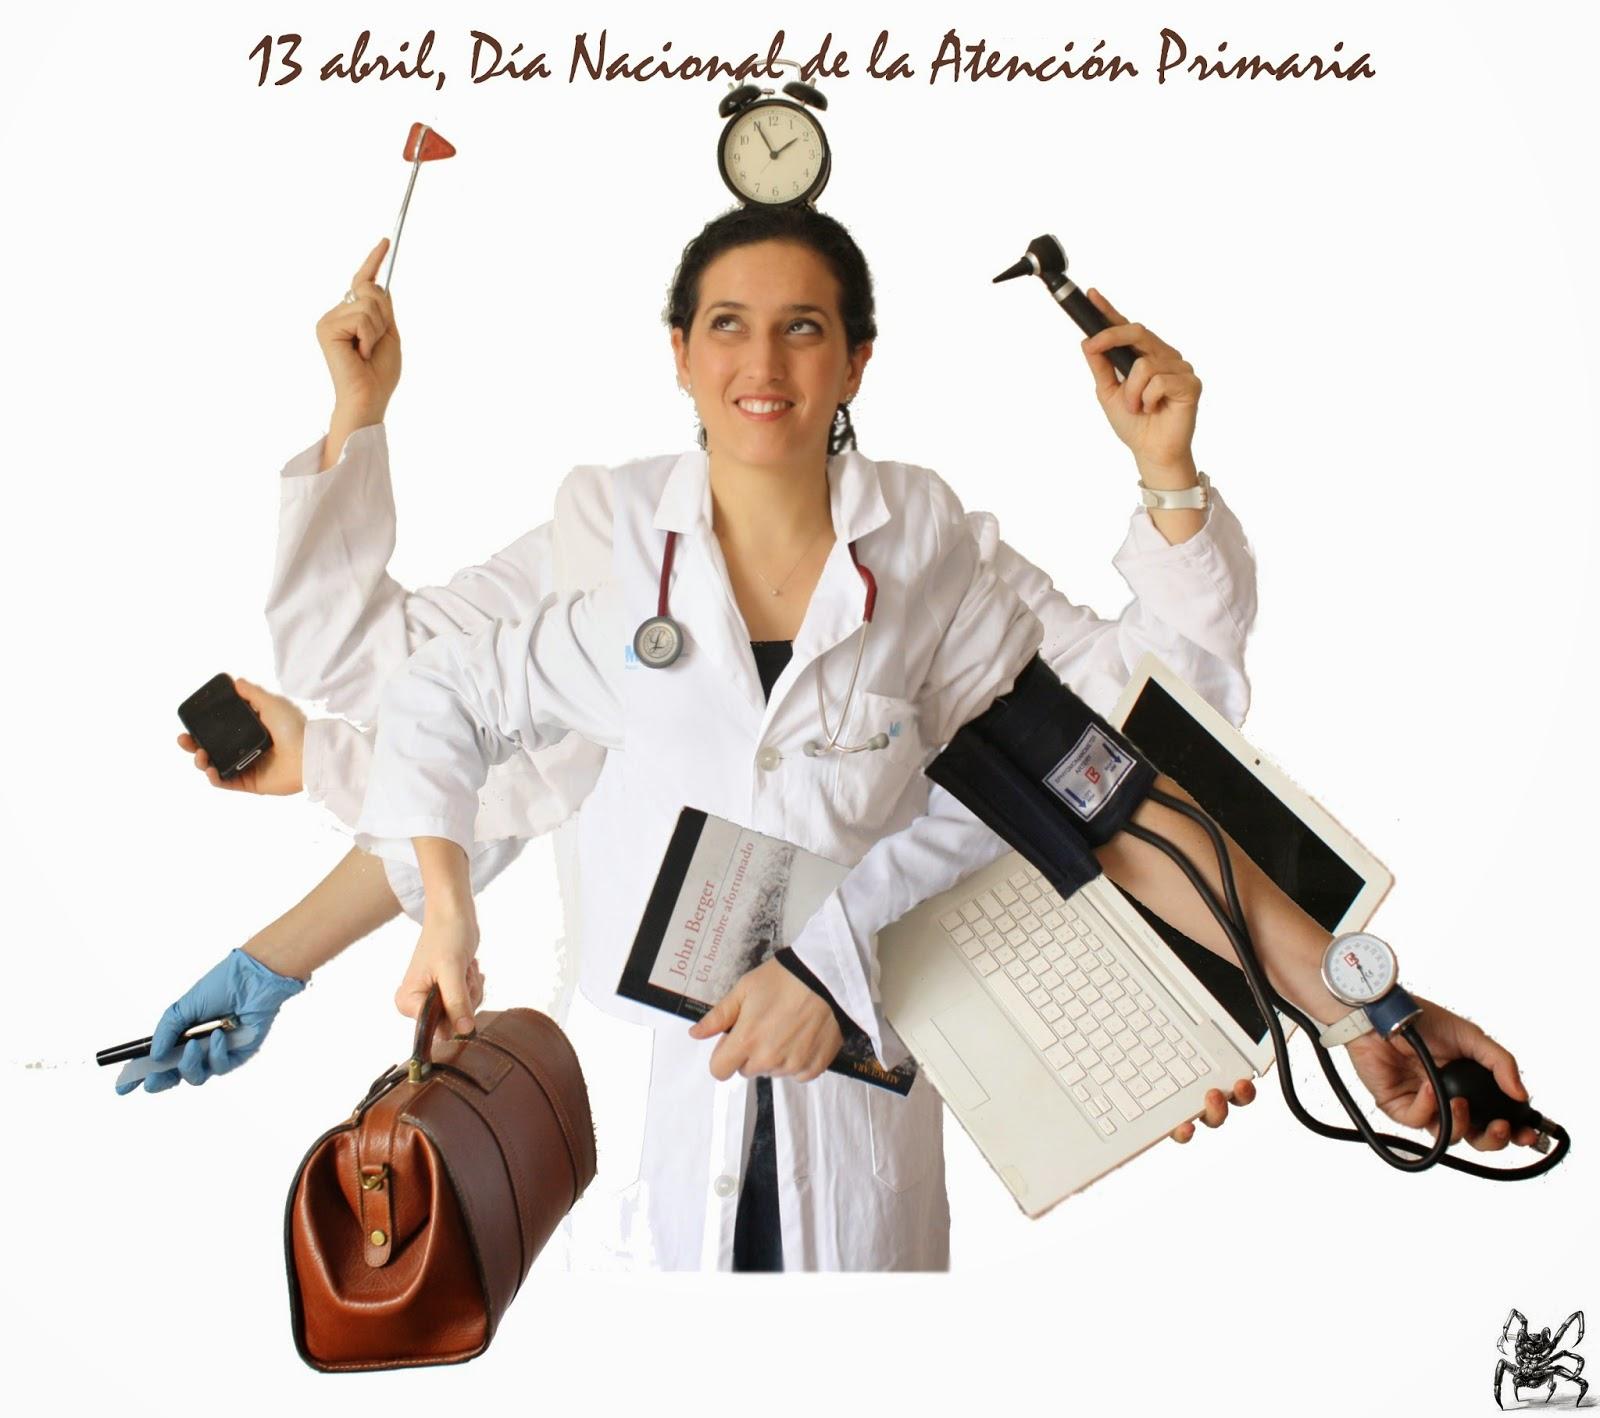 Una mujer en bata blanca con muchos brazos llevando en cada mano instrumental médico